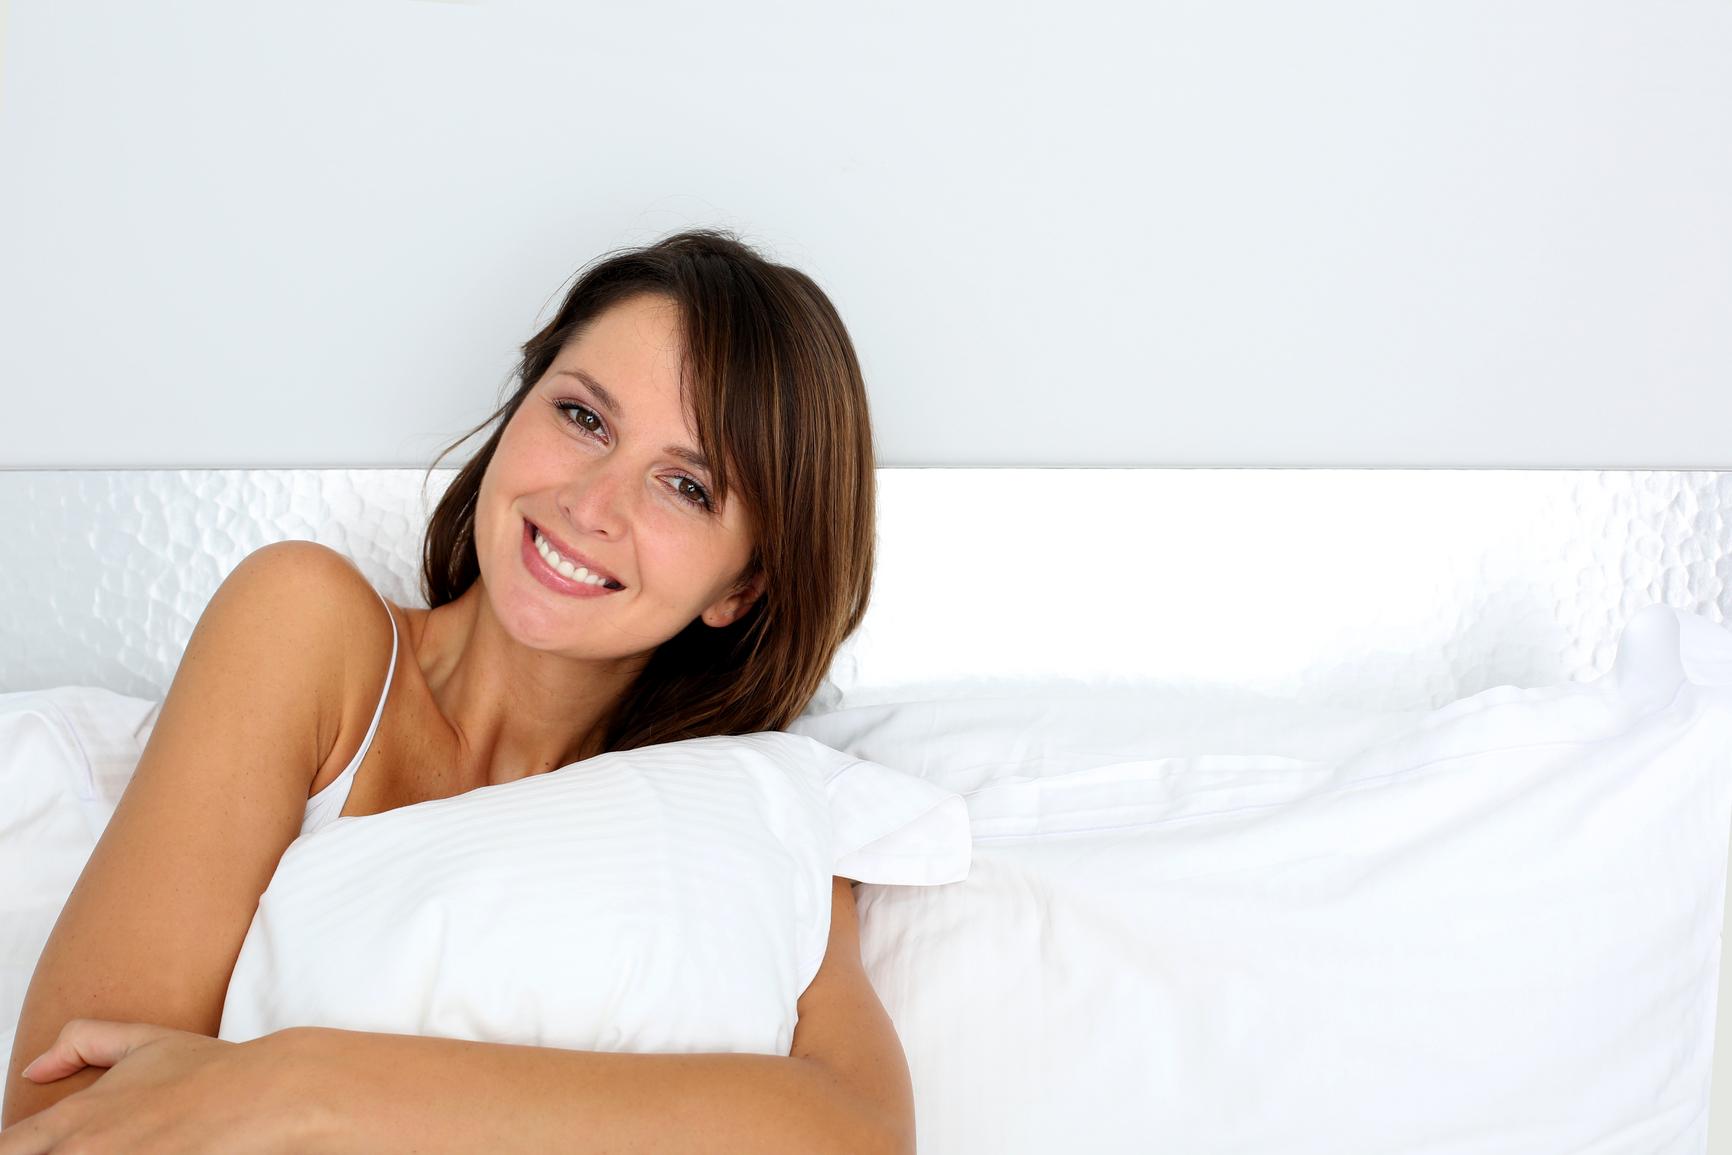 Позиция во сне тоже влияет на состояние кожи